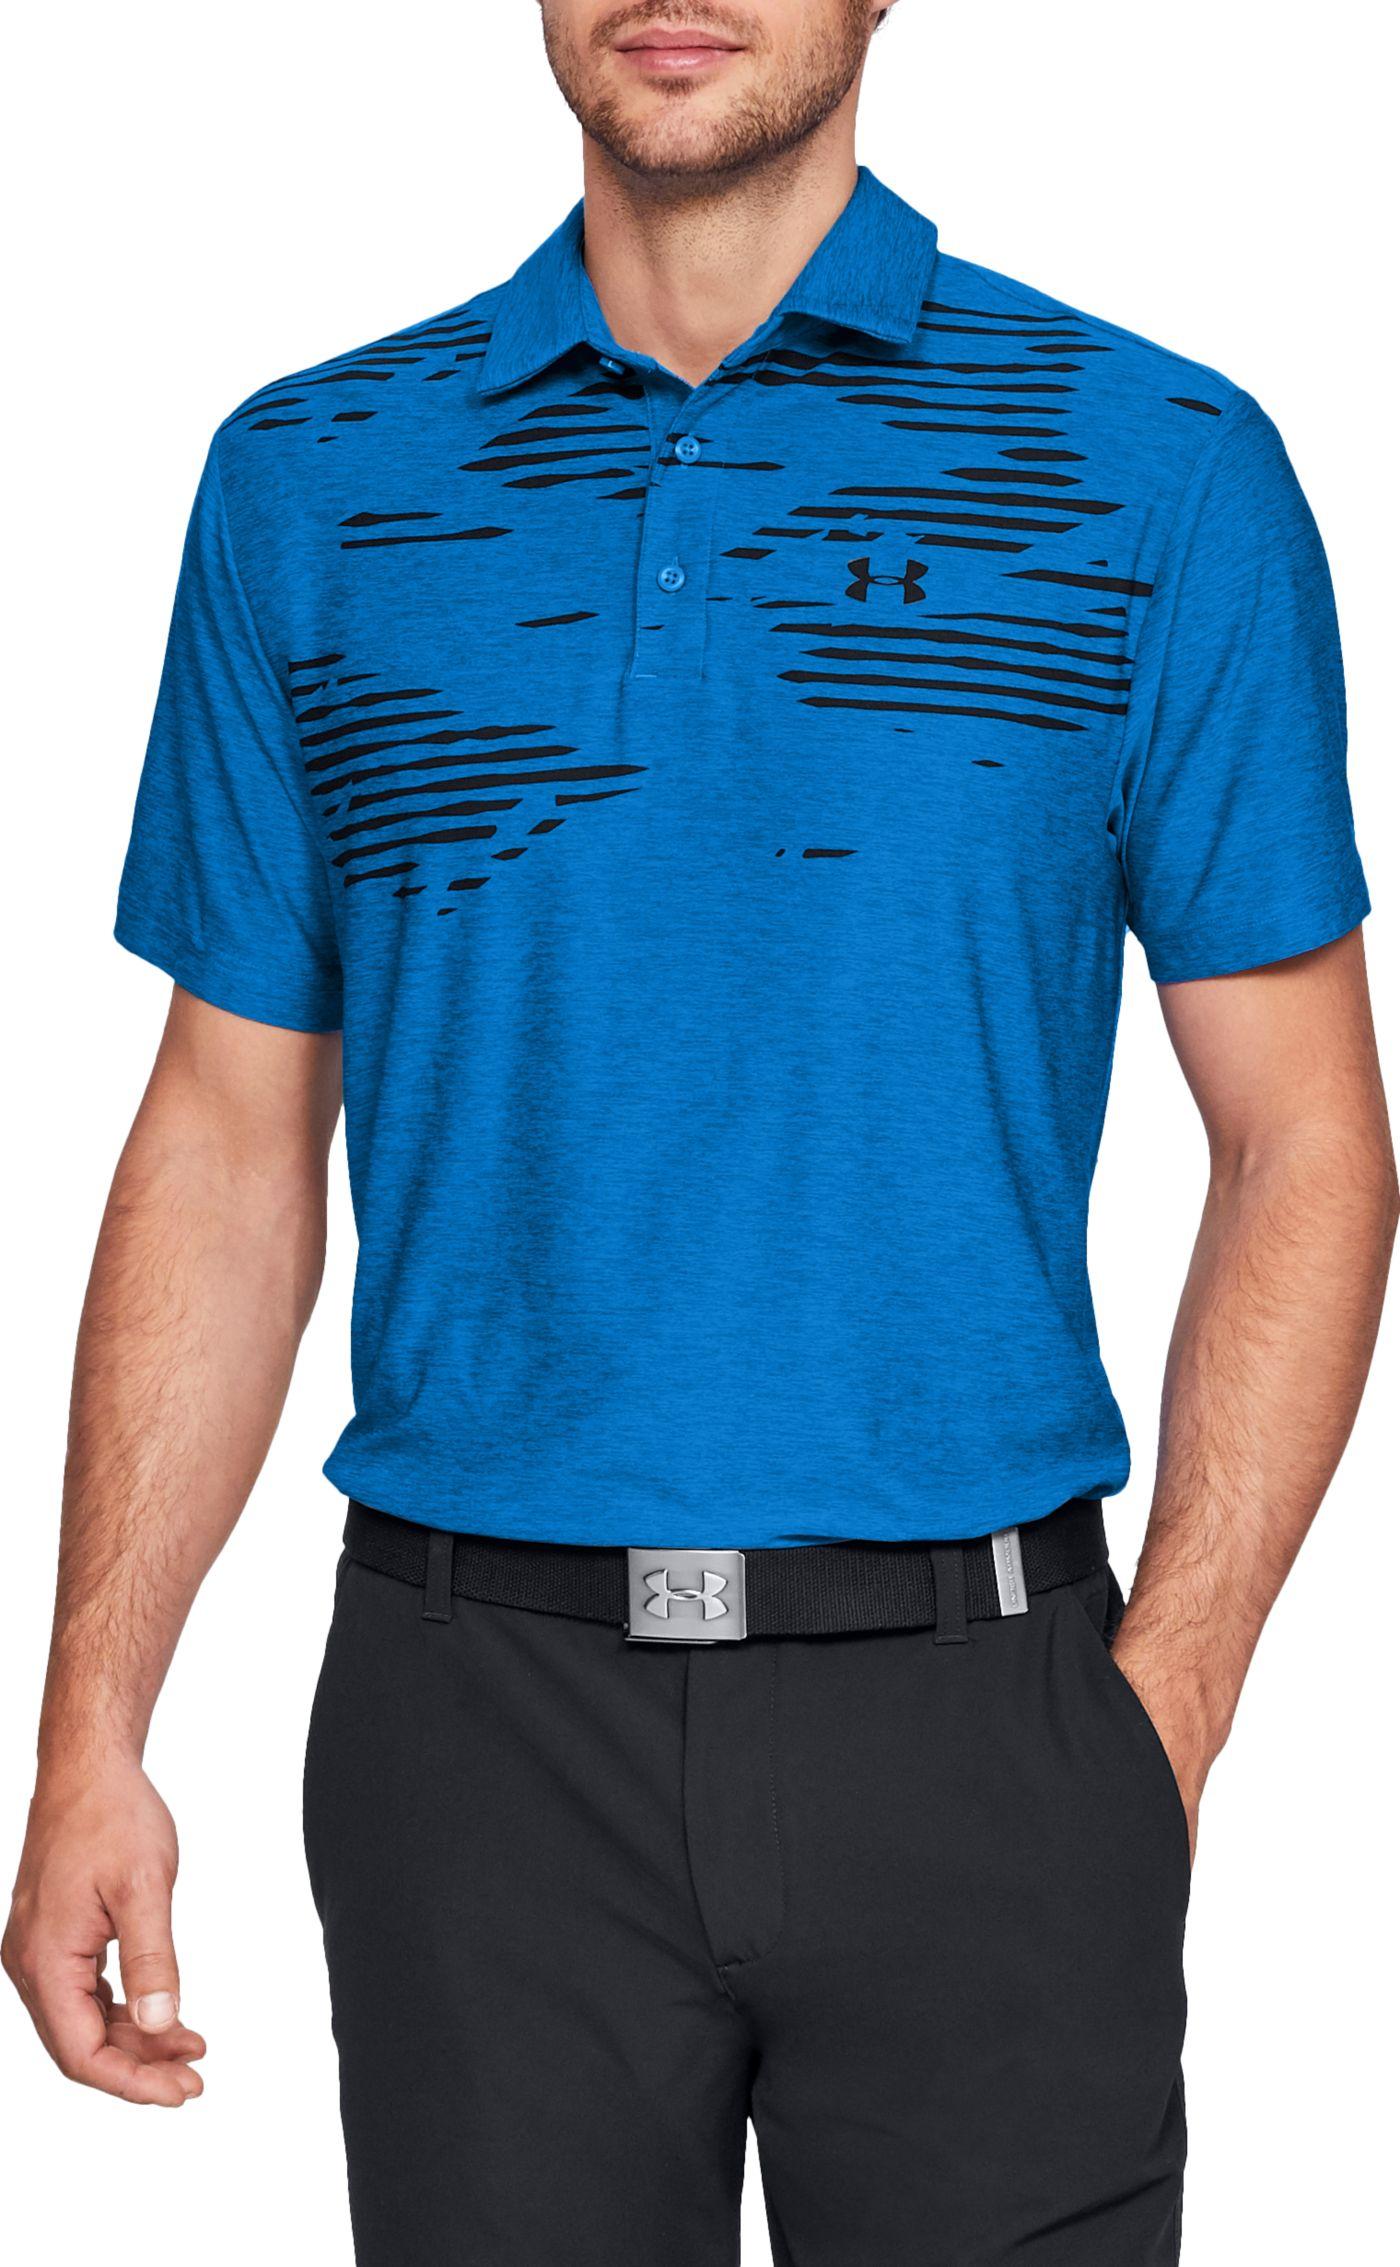 Under Armour Men's Screen Print Golf Polo